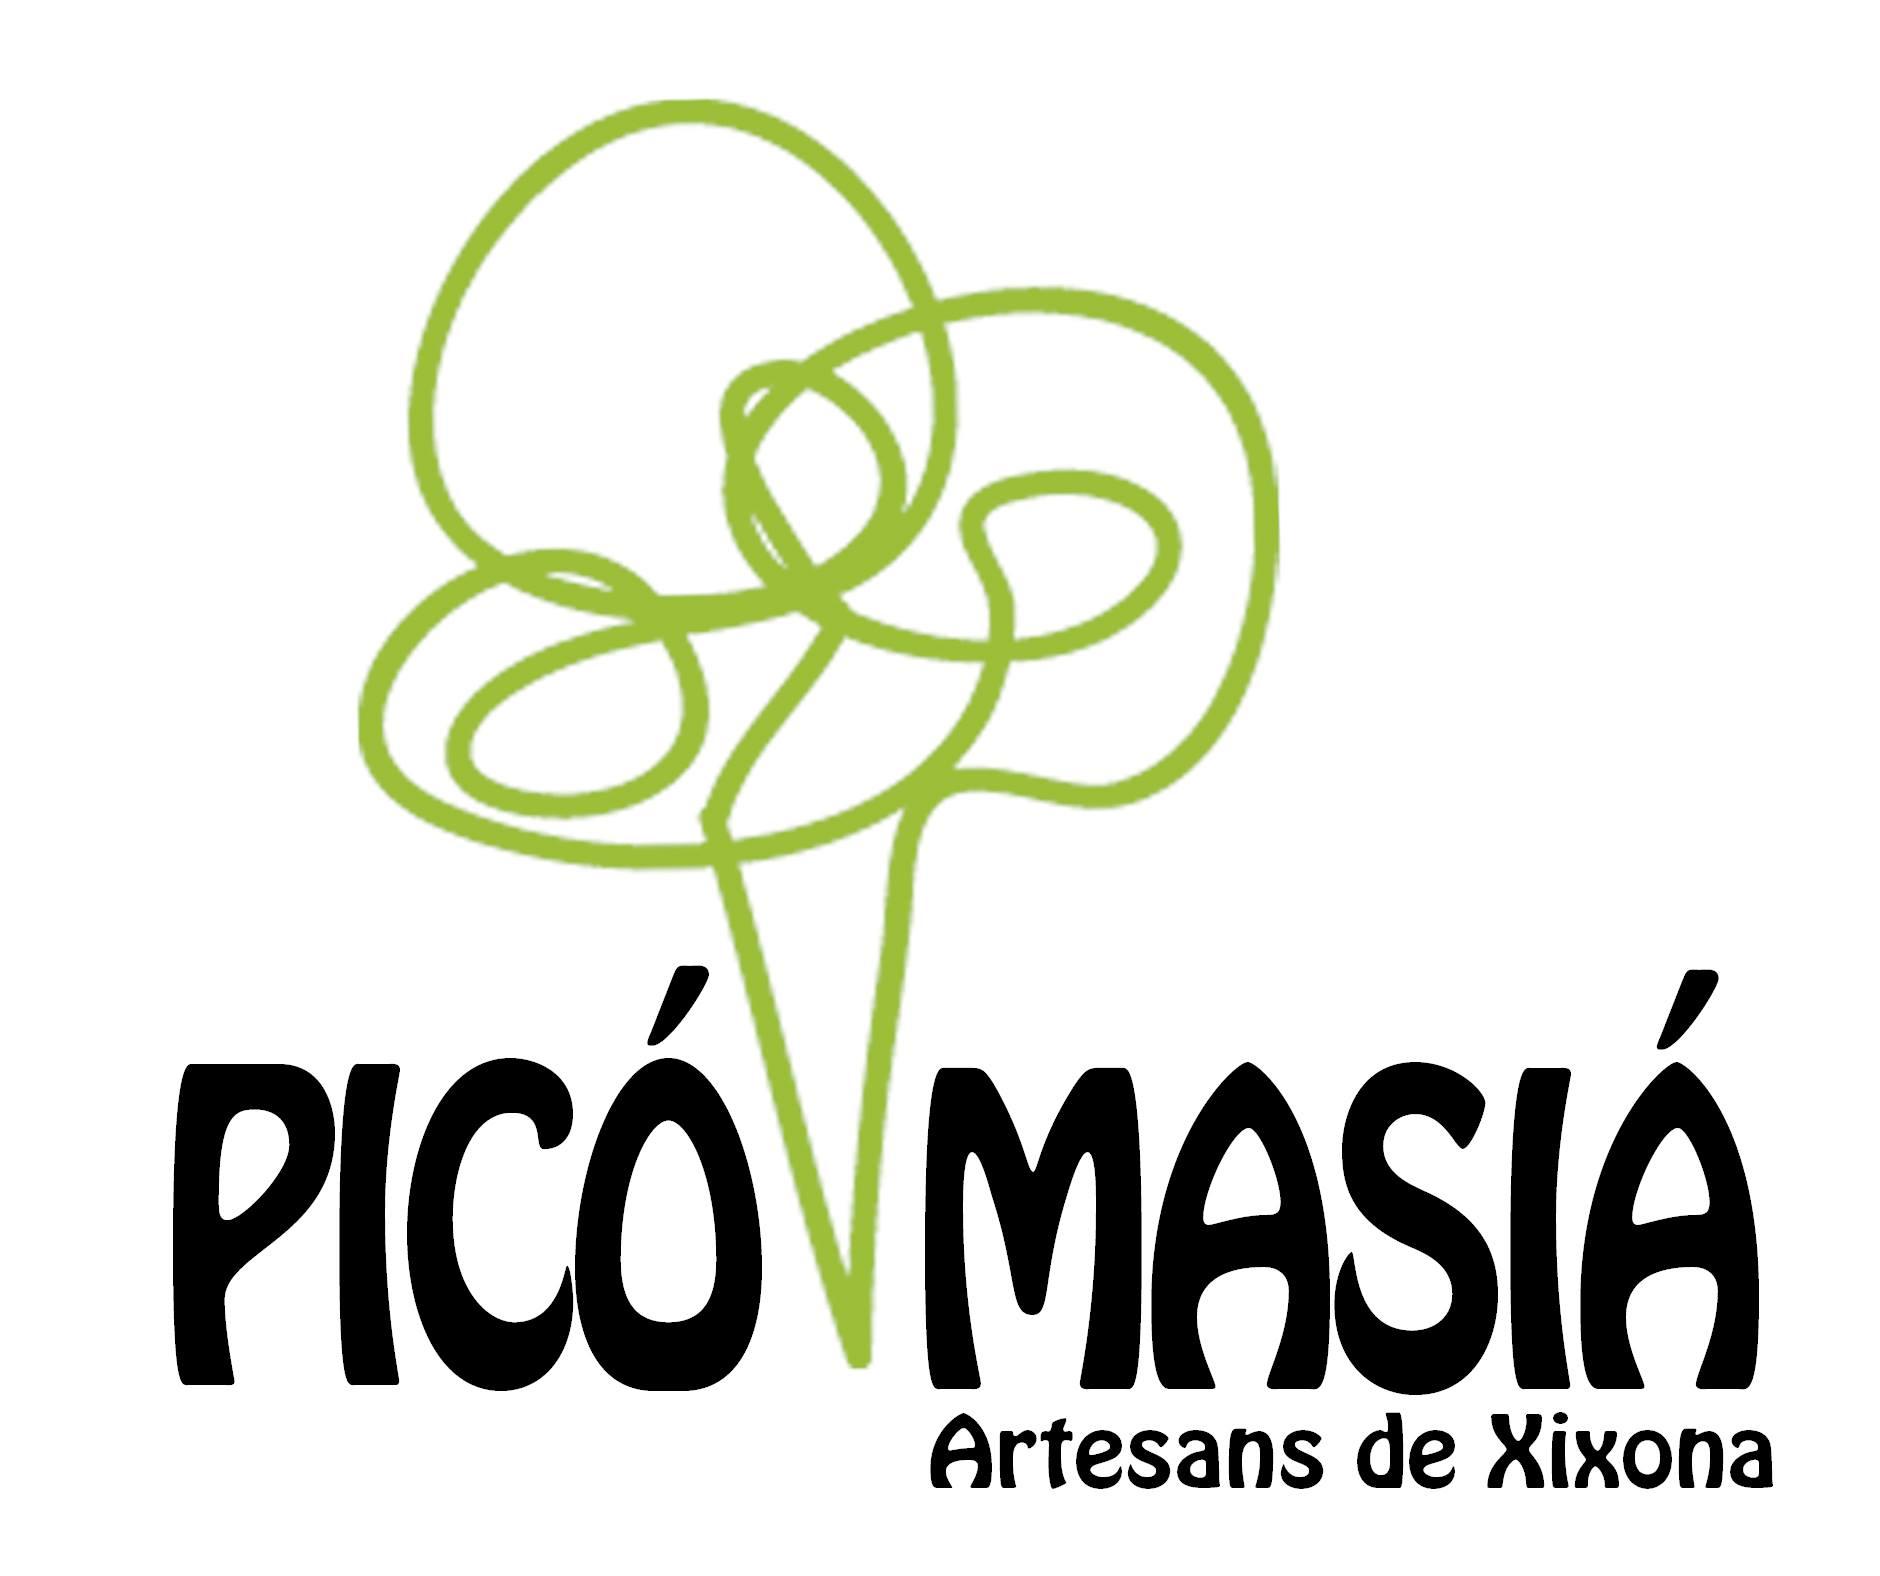 El heladero José Enrique Picó, reconocido embajador de Jijona en Valencia José Enrique Picó de la heladería Gelateria Picó Masiá se convierte en Embajador de Jijona desde la temporada 2017. La…